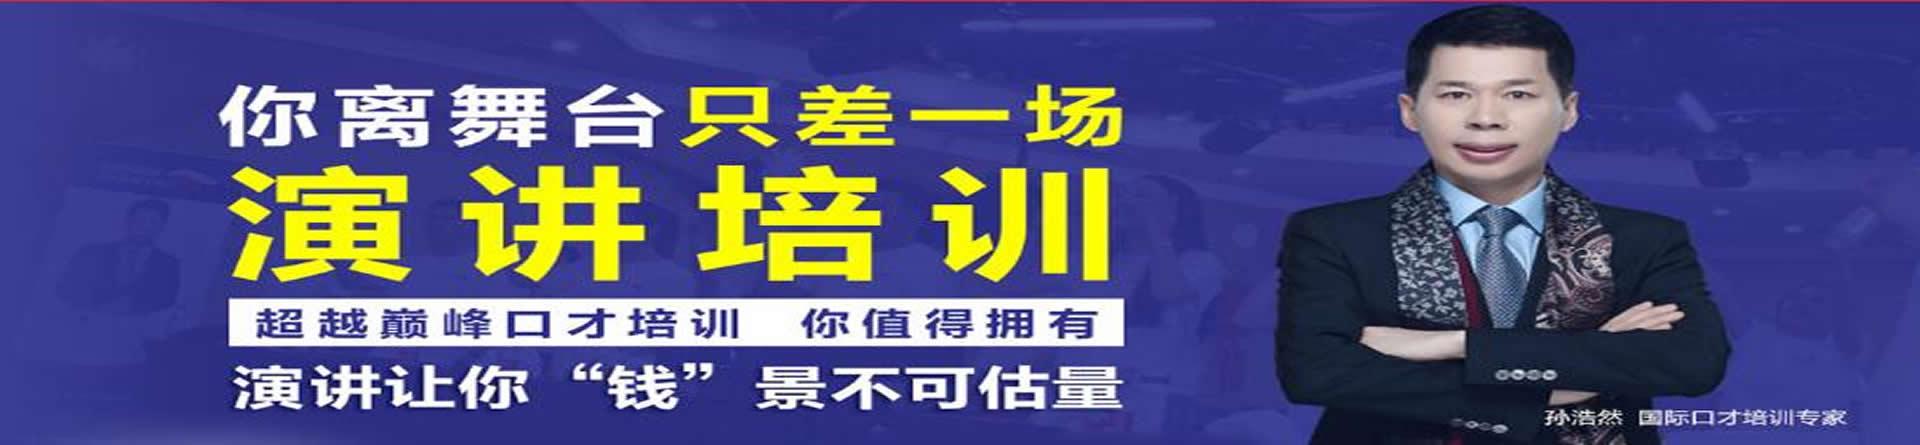 郑州超越巅峰演讲口才培训